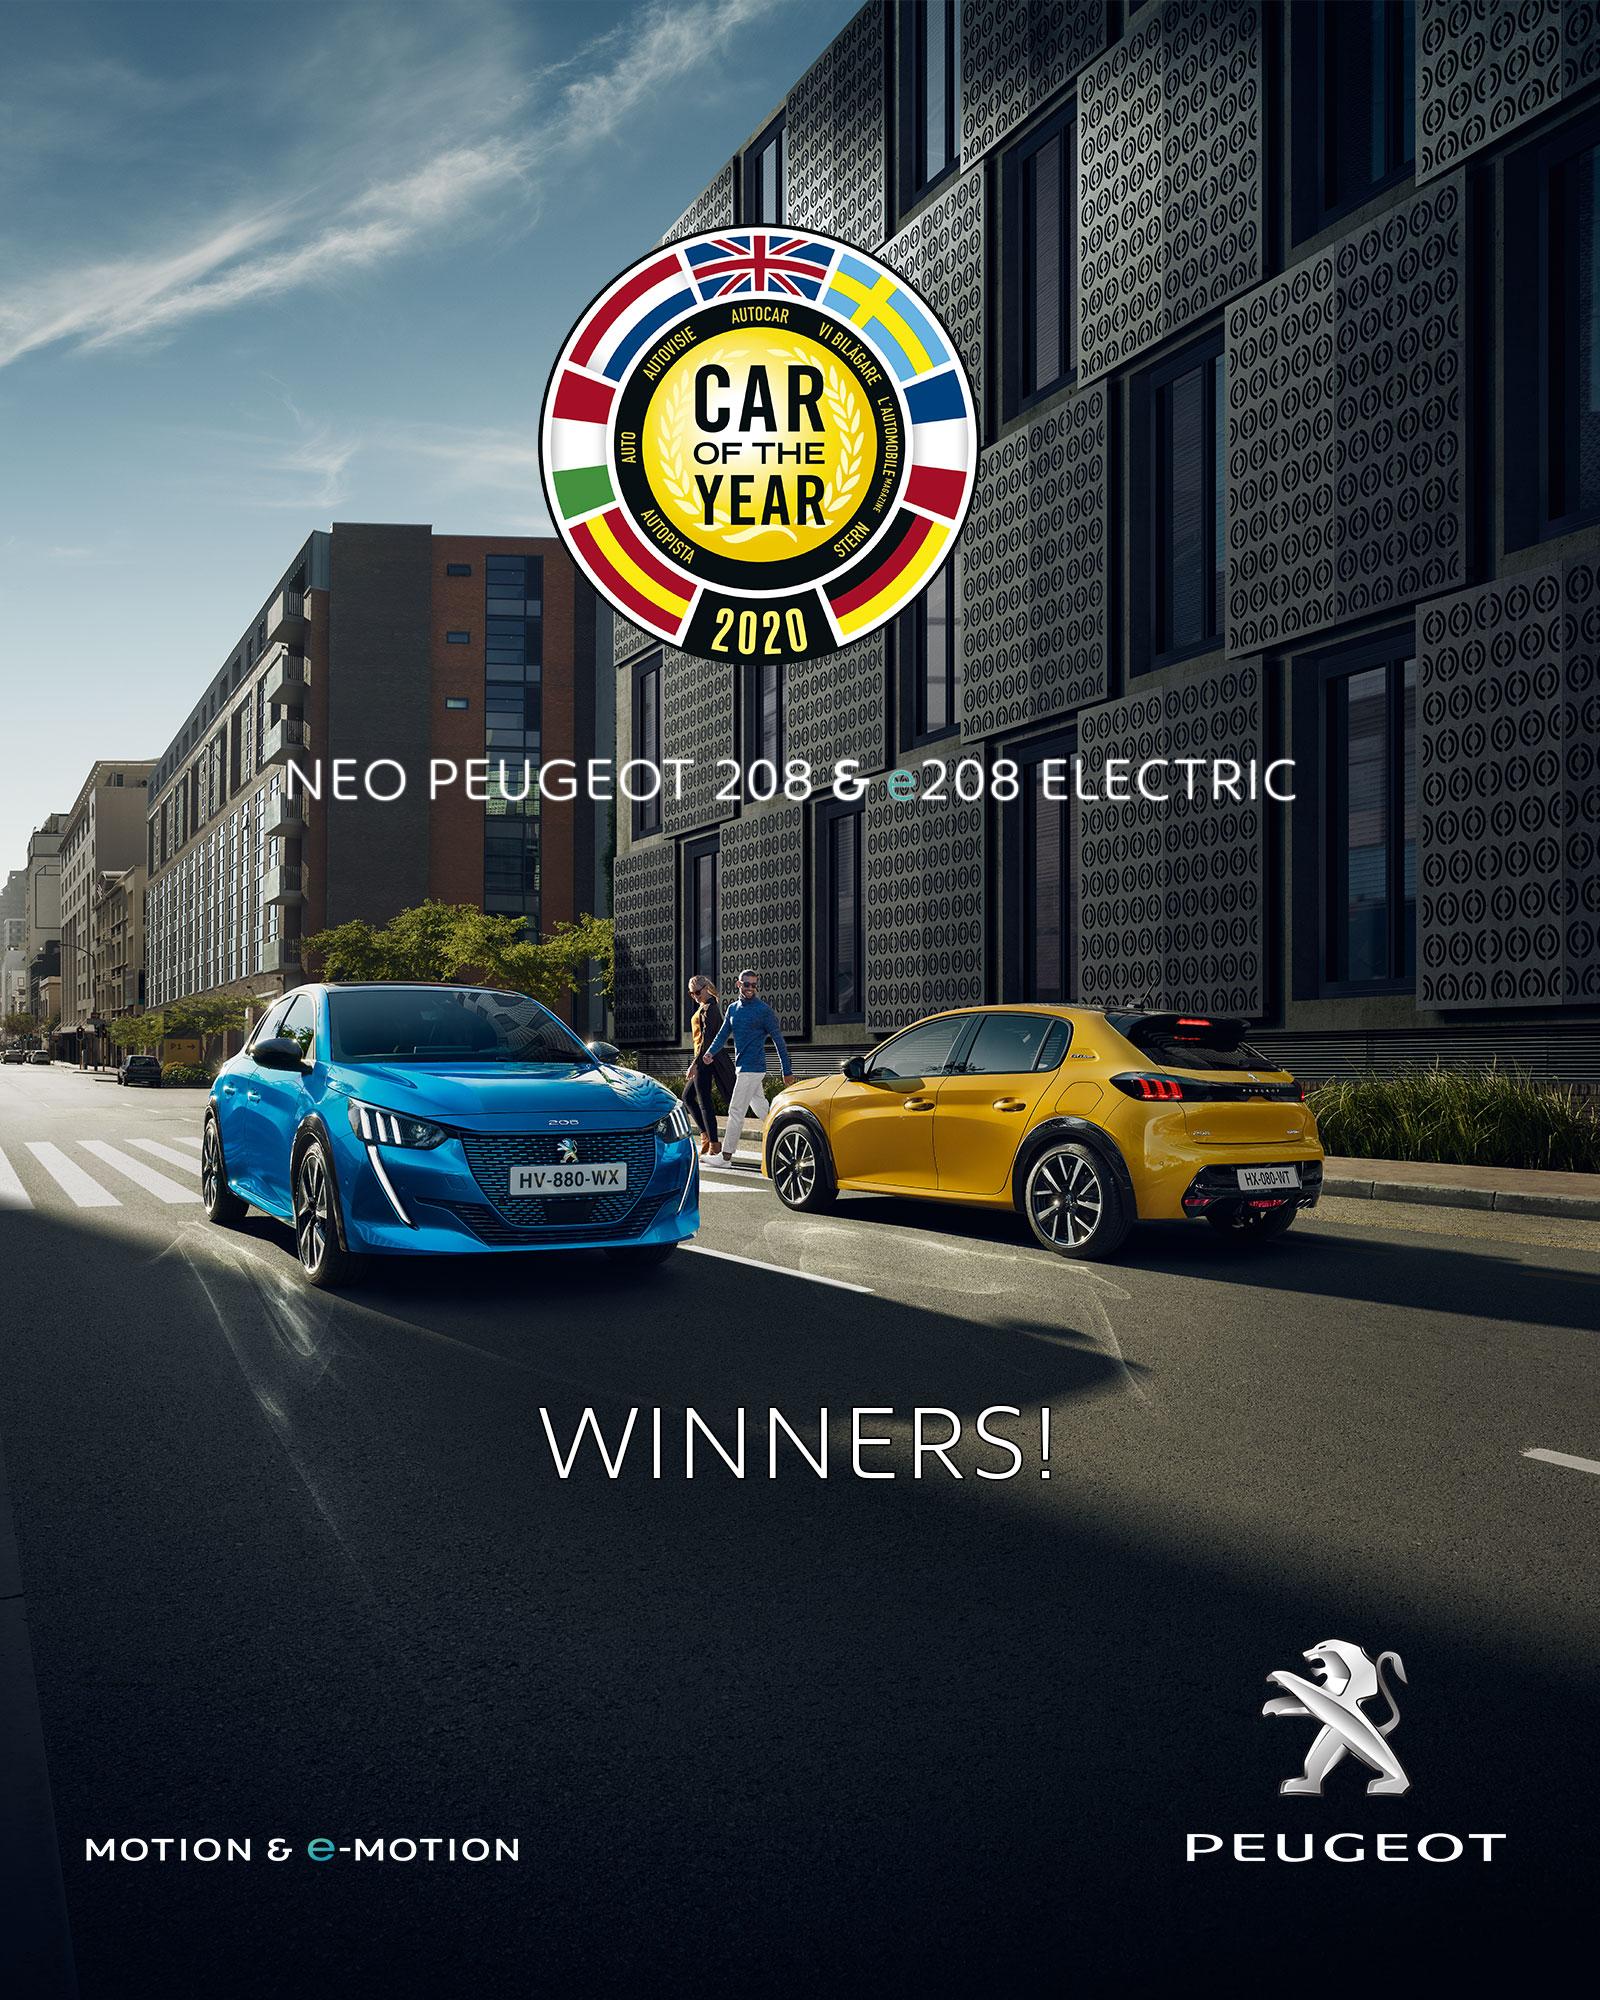 """Το ΝΕΟ PEUGEOT 208 αναδείχθηκε «Αυτοκίνητο της Χρονιάς 2020» στις 2 Μαρτίου, στη Γενεύη, από μία επιτροπή 60 Ευρωπαίων Δημοσιογράφων Αυτοκινήτου, διεθνούς κύρους. Η κριτική επιτροπή αποθέωσε τη γκάμα κινητήρων του 208, δηλώνοντας: «Το Peugeot 208 προσφέρει τη δύναμη της επιλογής, καθώς διατίθεται με ηλεκτρικό κινητήρα και με κινητήρες βενζίνης και πετρελαίου». Η επιτροπή έκανε λόγο, επίσης, για το τολμηρό design και την πρωτοποριακή τεχνολογία του ΝΕΟΥ PEUGEOT 208, το οποίο όντας ήδη best-seller, αποτελεί το πρώτο PEUGEOT της συγκεκριμένης κατηγορίας (B Segment) που κατέκτησε τον πολυπόθητο τίτλο του ευρωπαϊκού «Αυτοκινήτου της Χρονιάς»! Βέβαια, το PEUGEOT 208 είναι το 6ο συνολικά αυτοκίνητο της γαλλικής μάρκας που κατακτά αυτό τον τίτλο. Το PEUGEOT 208, «Αυτοκίνητο της Χρονιάς 2020», ξαναγράφει ιστορία στην κατηγορία του. Διαθέσιμο είτε με αμιγώς ηλεκτρικό κινητήρα είτε με κινητήρες εσωτερικής καύσεως, το ΝΕΟ PEUGEOT 208 δίνει τη «δύναμη της επιλογής» στον μελλοντικό οδηγό του. Ο εξωτερικός σχεδιασμός του ενσωματώνει το DNA της PEUGEOT, με τα LED φώτα στη μάσκα να προσιδιάζουν με 3 νυχιές λιονταριού. Οι σμιλεμένοι θόλοι των τροχών και τα πίσω φτερά αποτελούν χαρακτηριστικά στοιχεία του αυτοκινήτου που το κάνουν ιδιαίτερα ξεχωριστό. Το PEUGEOT 3D i - Cockpit ® (head-up display, compact σπορ τιμόνι και οθόνη αφής) καινοτομεί με ένα σύμπλεγμα τρισδιάστατης ψηφιακής τεχνολογίας όντας μοναδικό στην κατηγορία του, το οποίο δεν αναβαθμίζει μόνο την αισθητική του αυτοκινήτου, αλλά και την ασφάλεια. Ο θεσμός του Αυτοκινήτου της Χρονιάς βραβεύει ένα μοντέλο best seller, καθώς σχεδόν 110.000 πελάτες το έχουν ήδη παραγγείλει - μόλις 4 μήνες μετά το ευρωπαϊκό του λανσάρισμα - και το 15% των παραγγελιών αφορούν την ηλεκτρική έκδοση. Επίσης, στη Γαλλία το μοντέλο ήταν πρώτο σε πωλήσεις στην κατηγορία του τον Φεβρουάριο! """"Είμαι ιδιαίτερα υπερήφανος που το ΝΕΟ PEUGEOT 208 κέρδισε το βραβείο του «Αυτοκινήτου της Χρονιάς»! Αυτό το τρόπαιο υπογραμμίζει την αριστεία και τη δέσμευση όλω"""